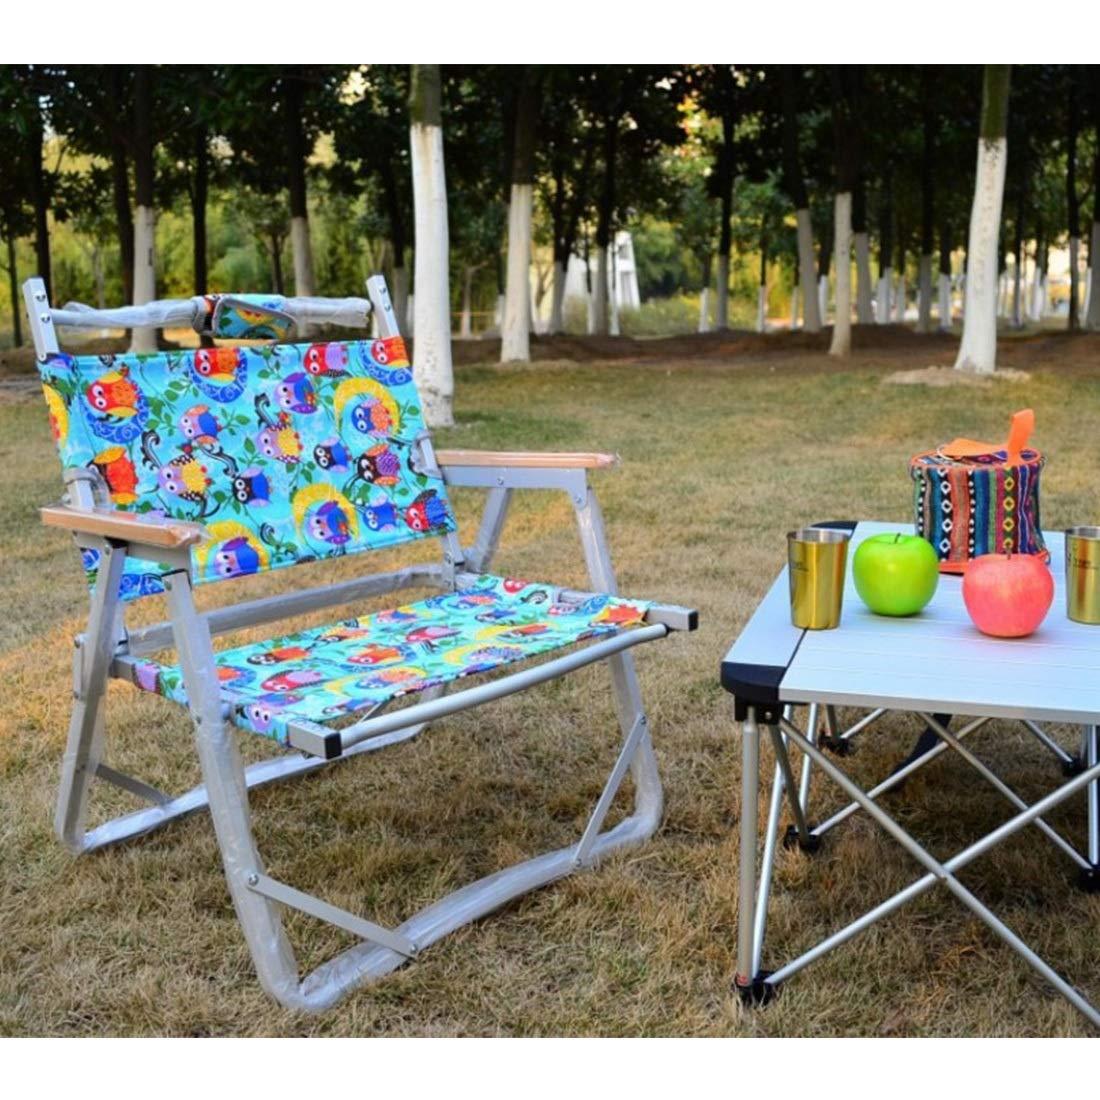 FUBULECY Geeignet für Outdoor-Camping oder Angeln im Freien für Faltbare tragbare Stühle.